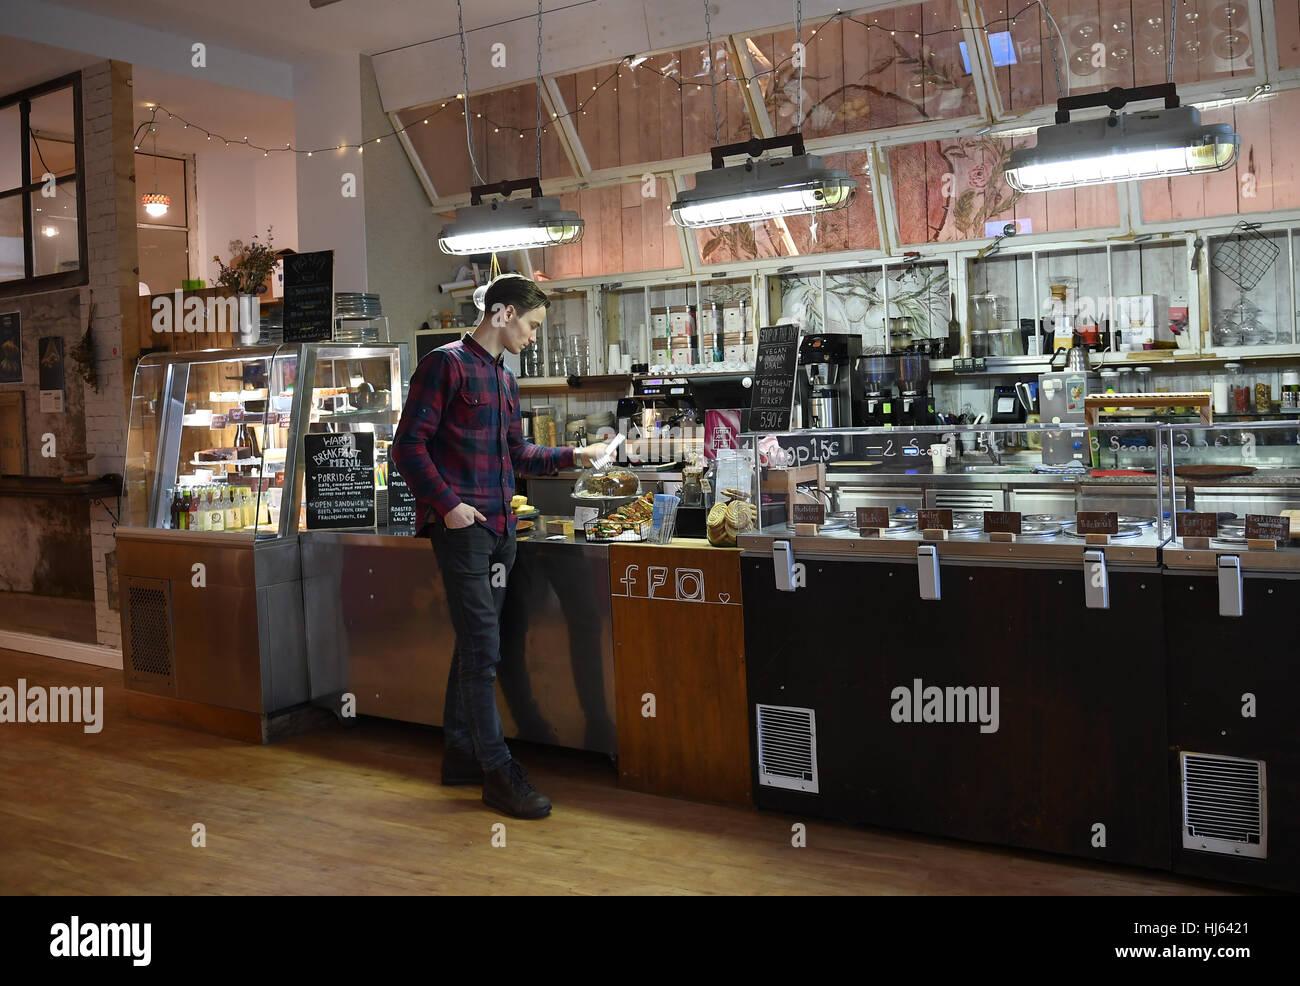 Berlino, Germania. 23 gen 2017. Stanislaw Halamoda nel suo cafe 'Oak & Ghiaccio' a Berlino, Germania, Immagini Stock